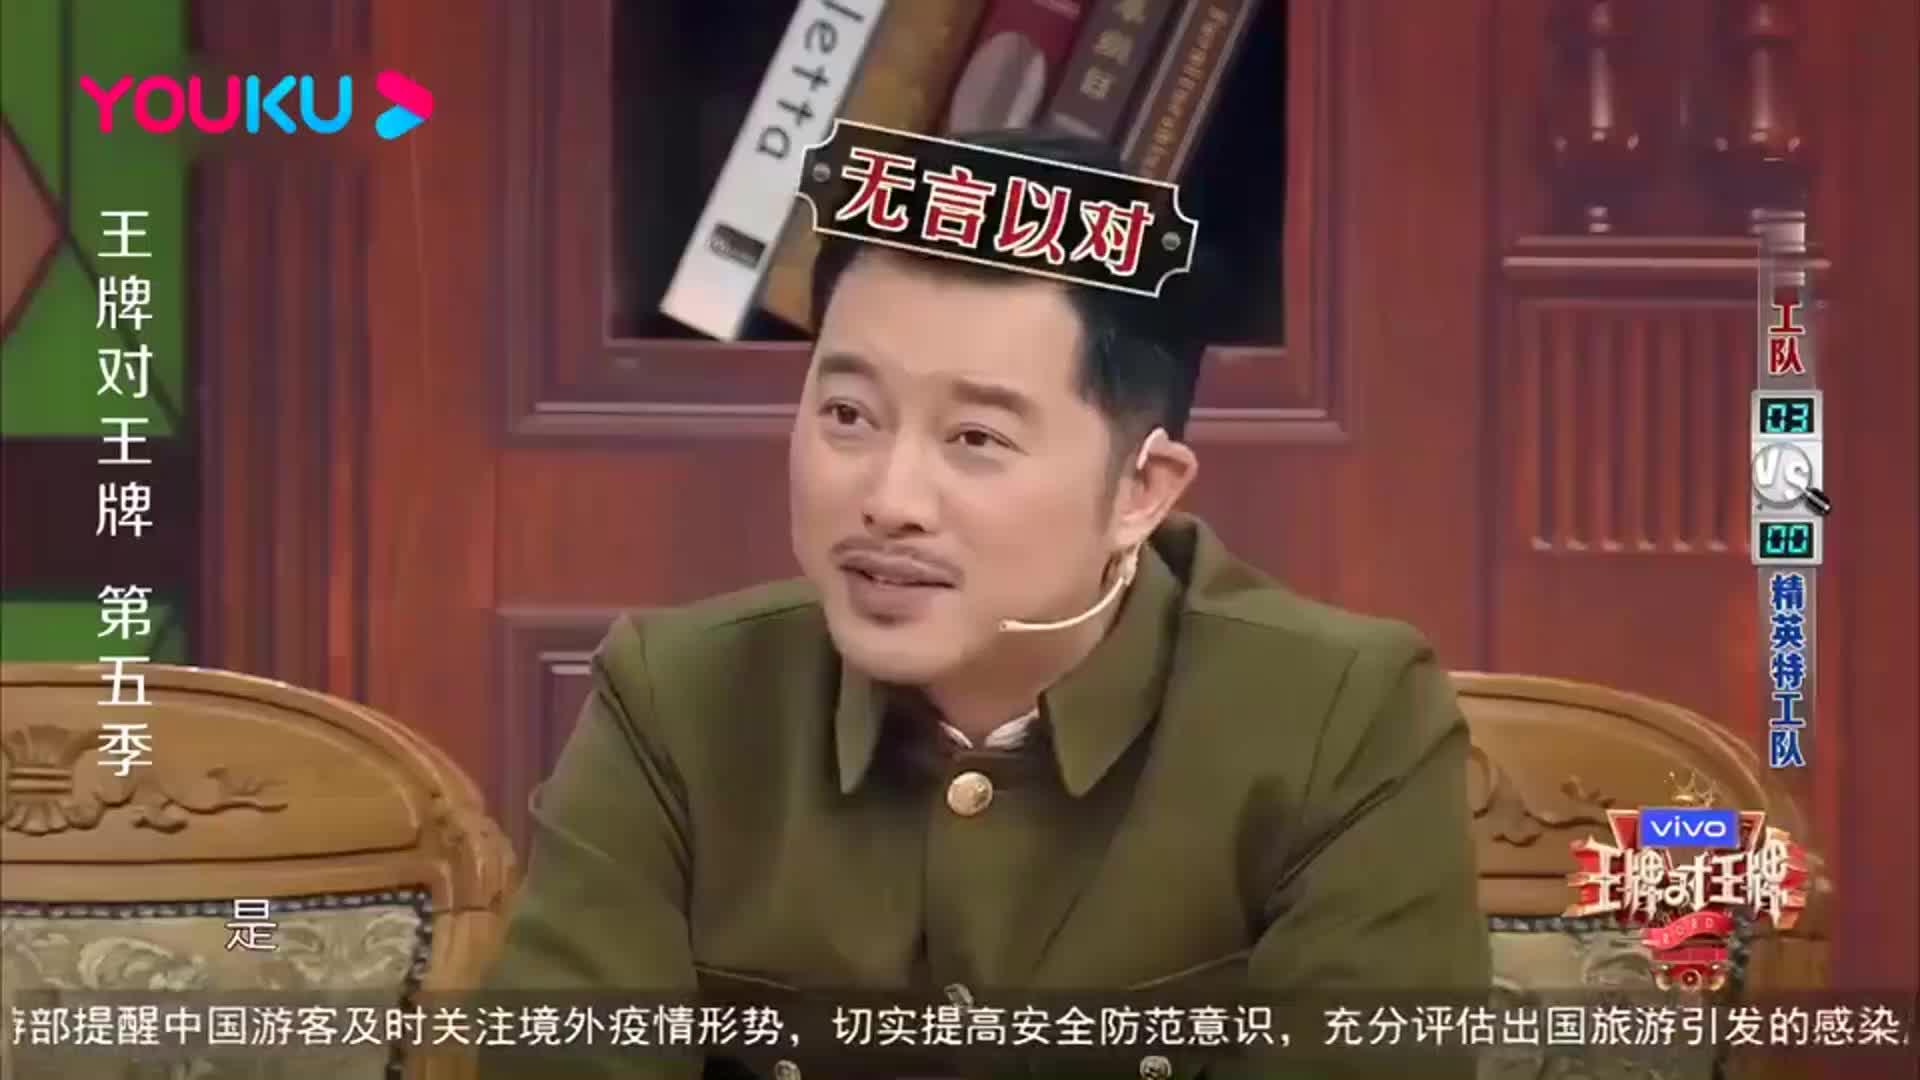 """王牌:花花太有才,沈腾把""""蔡徐坤""""画成这样,竟然都能猜对"""